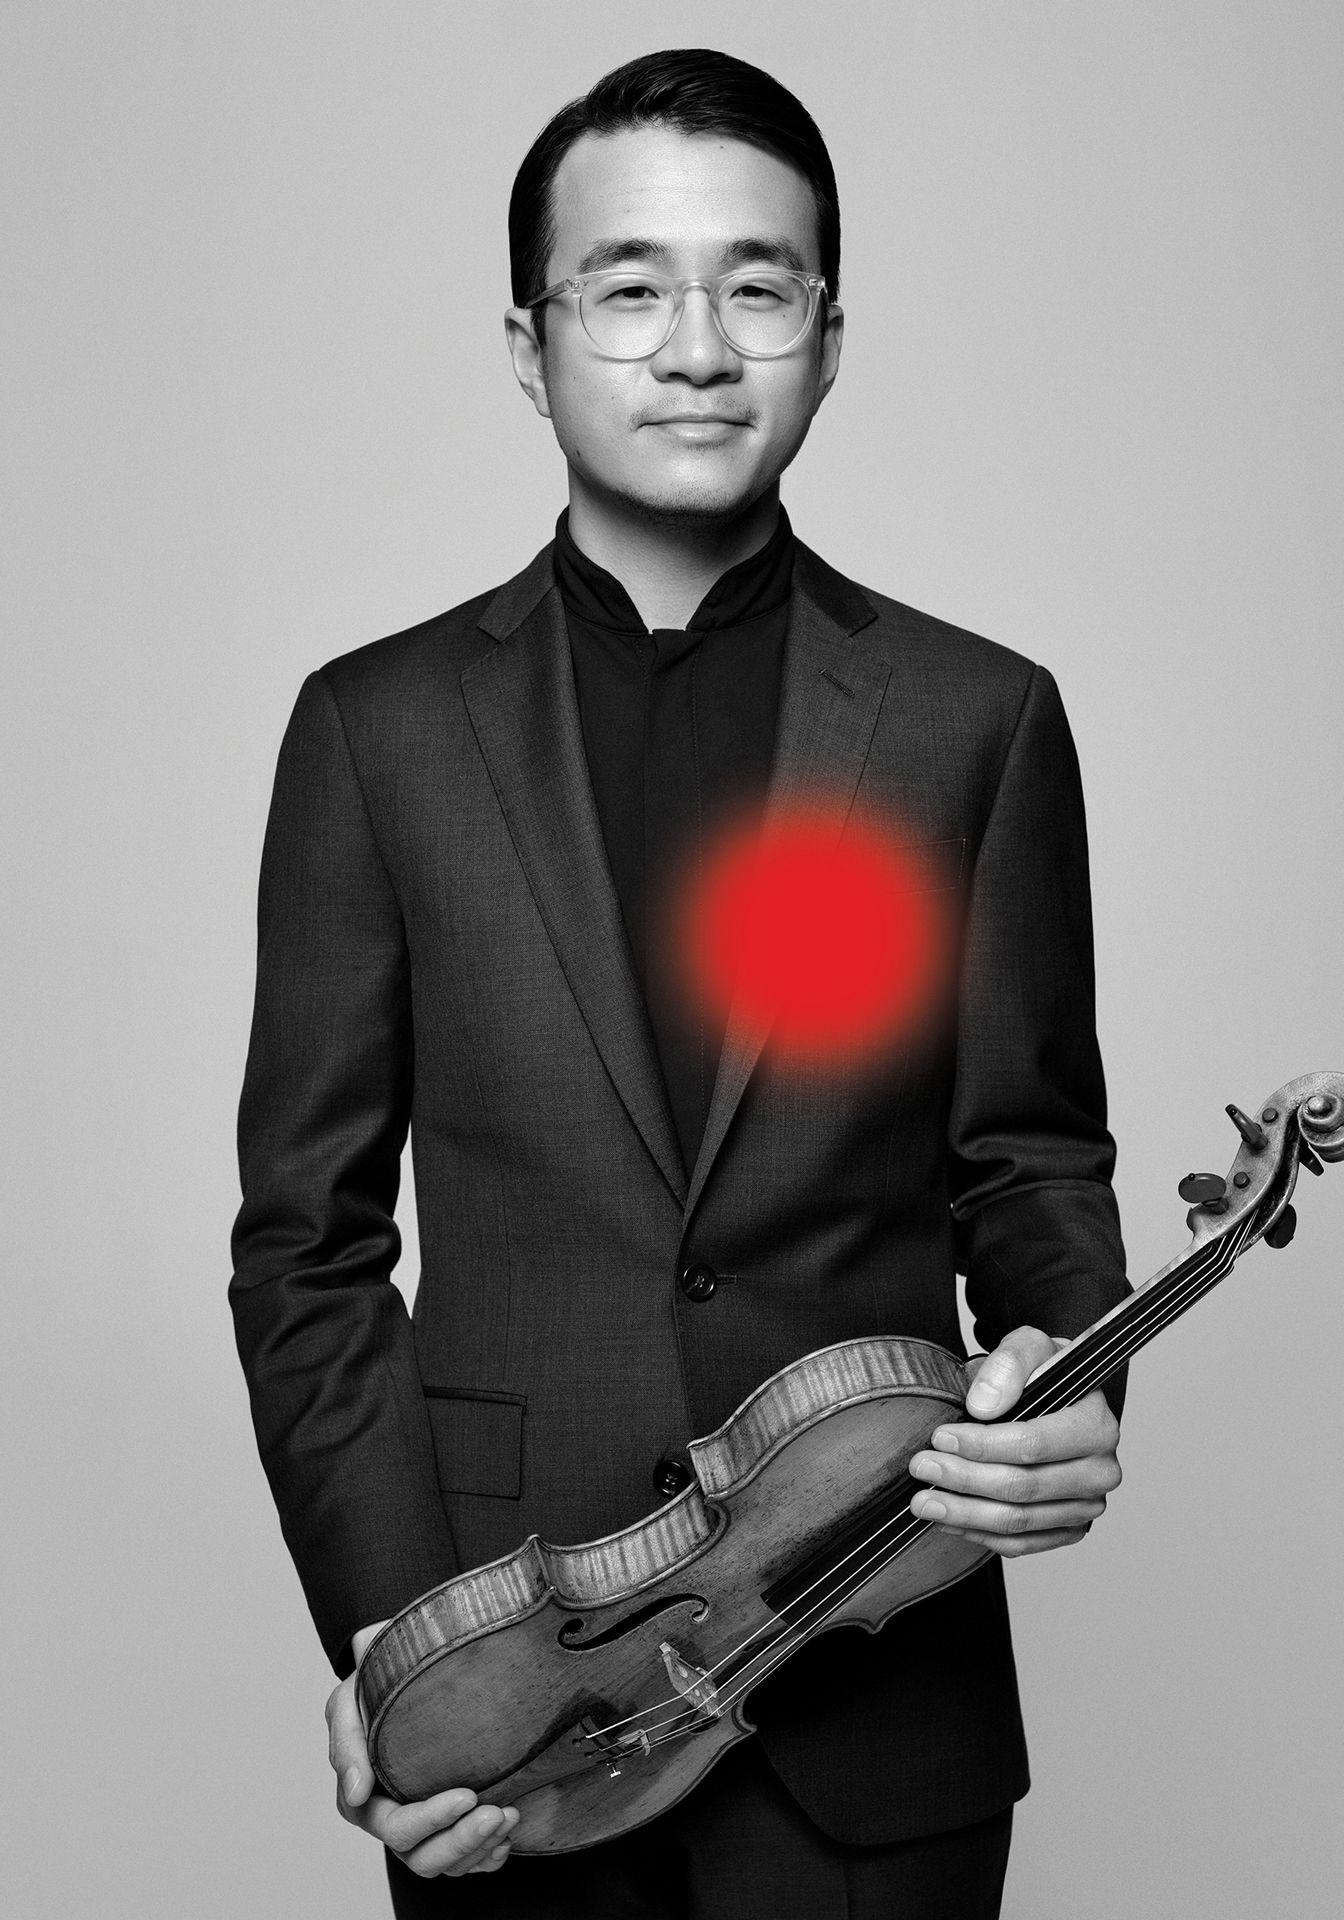 Portrait en noir et blanc d'Andrew Wan tenant son violon, portant des lunettes transparentes et un costume noir.